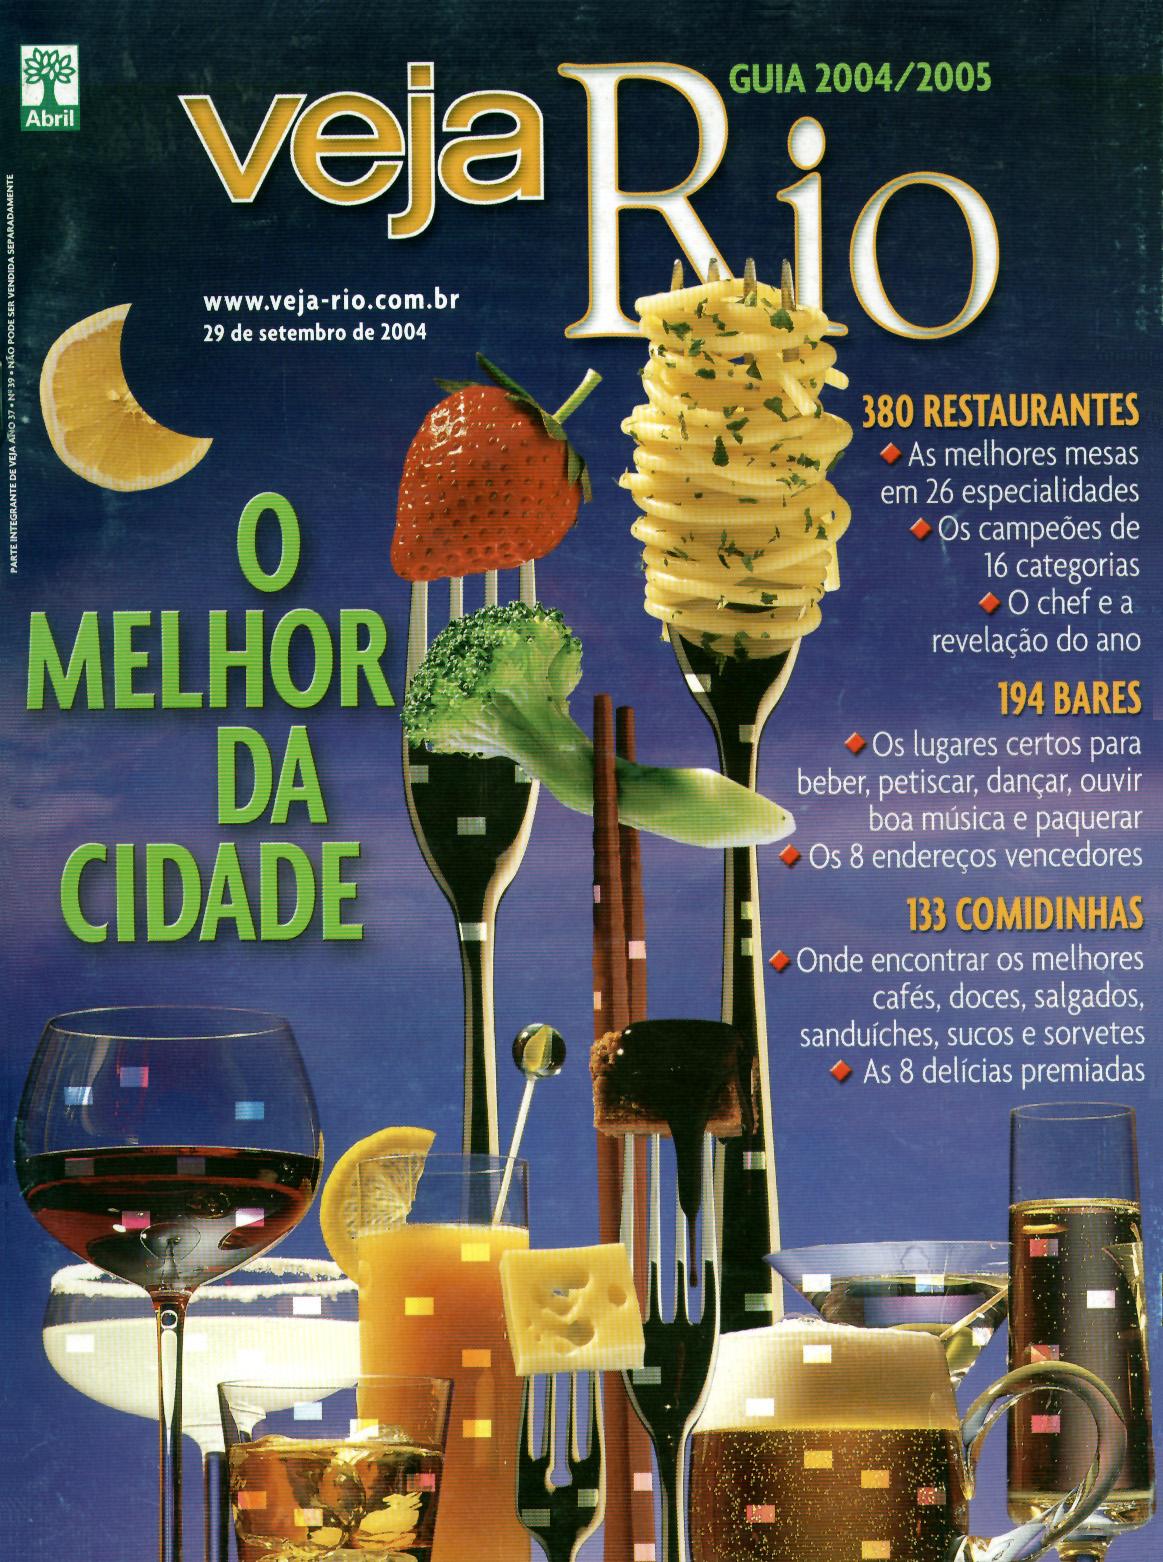 Capa da revista Veja Rio Especial O Melhor da Cidade, de 29 de setembro de 2004